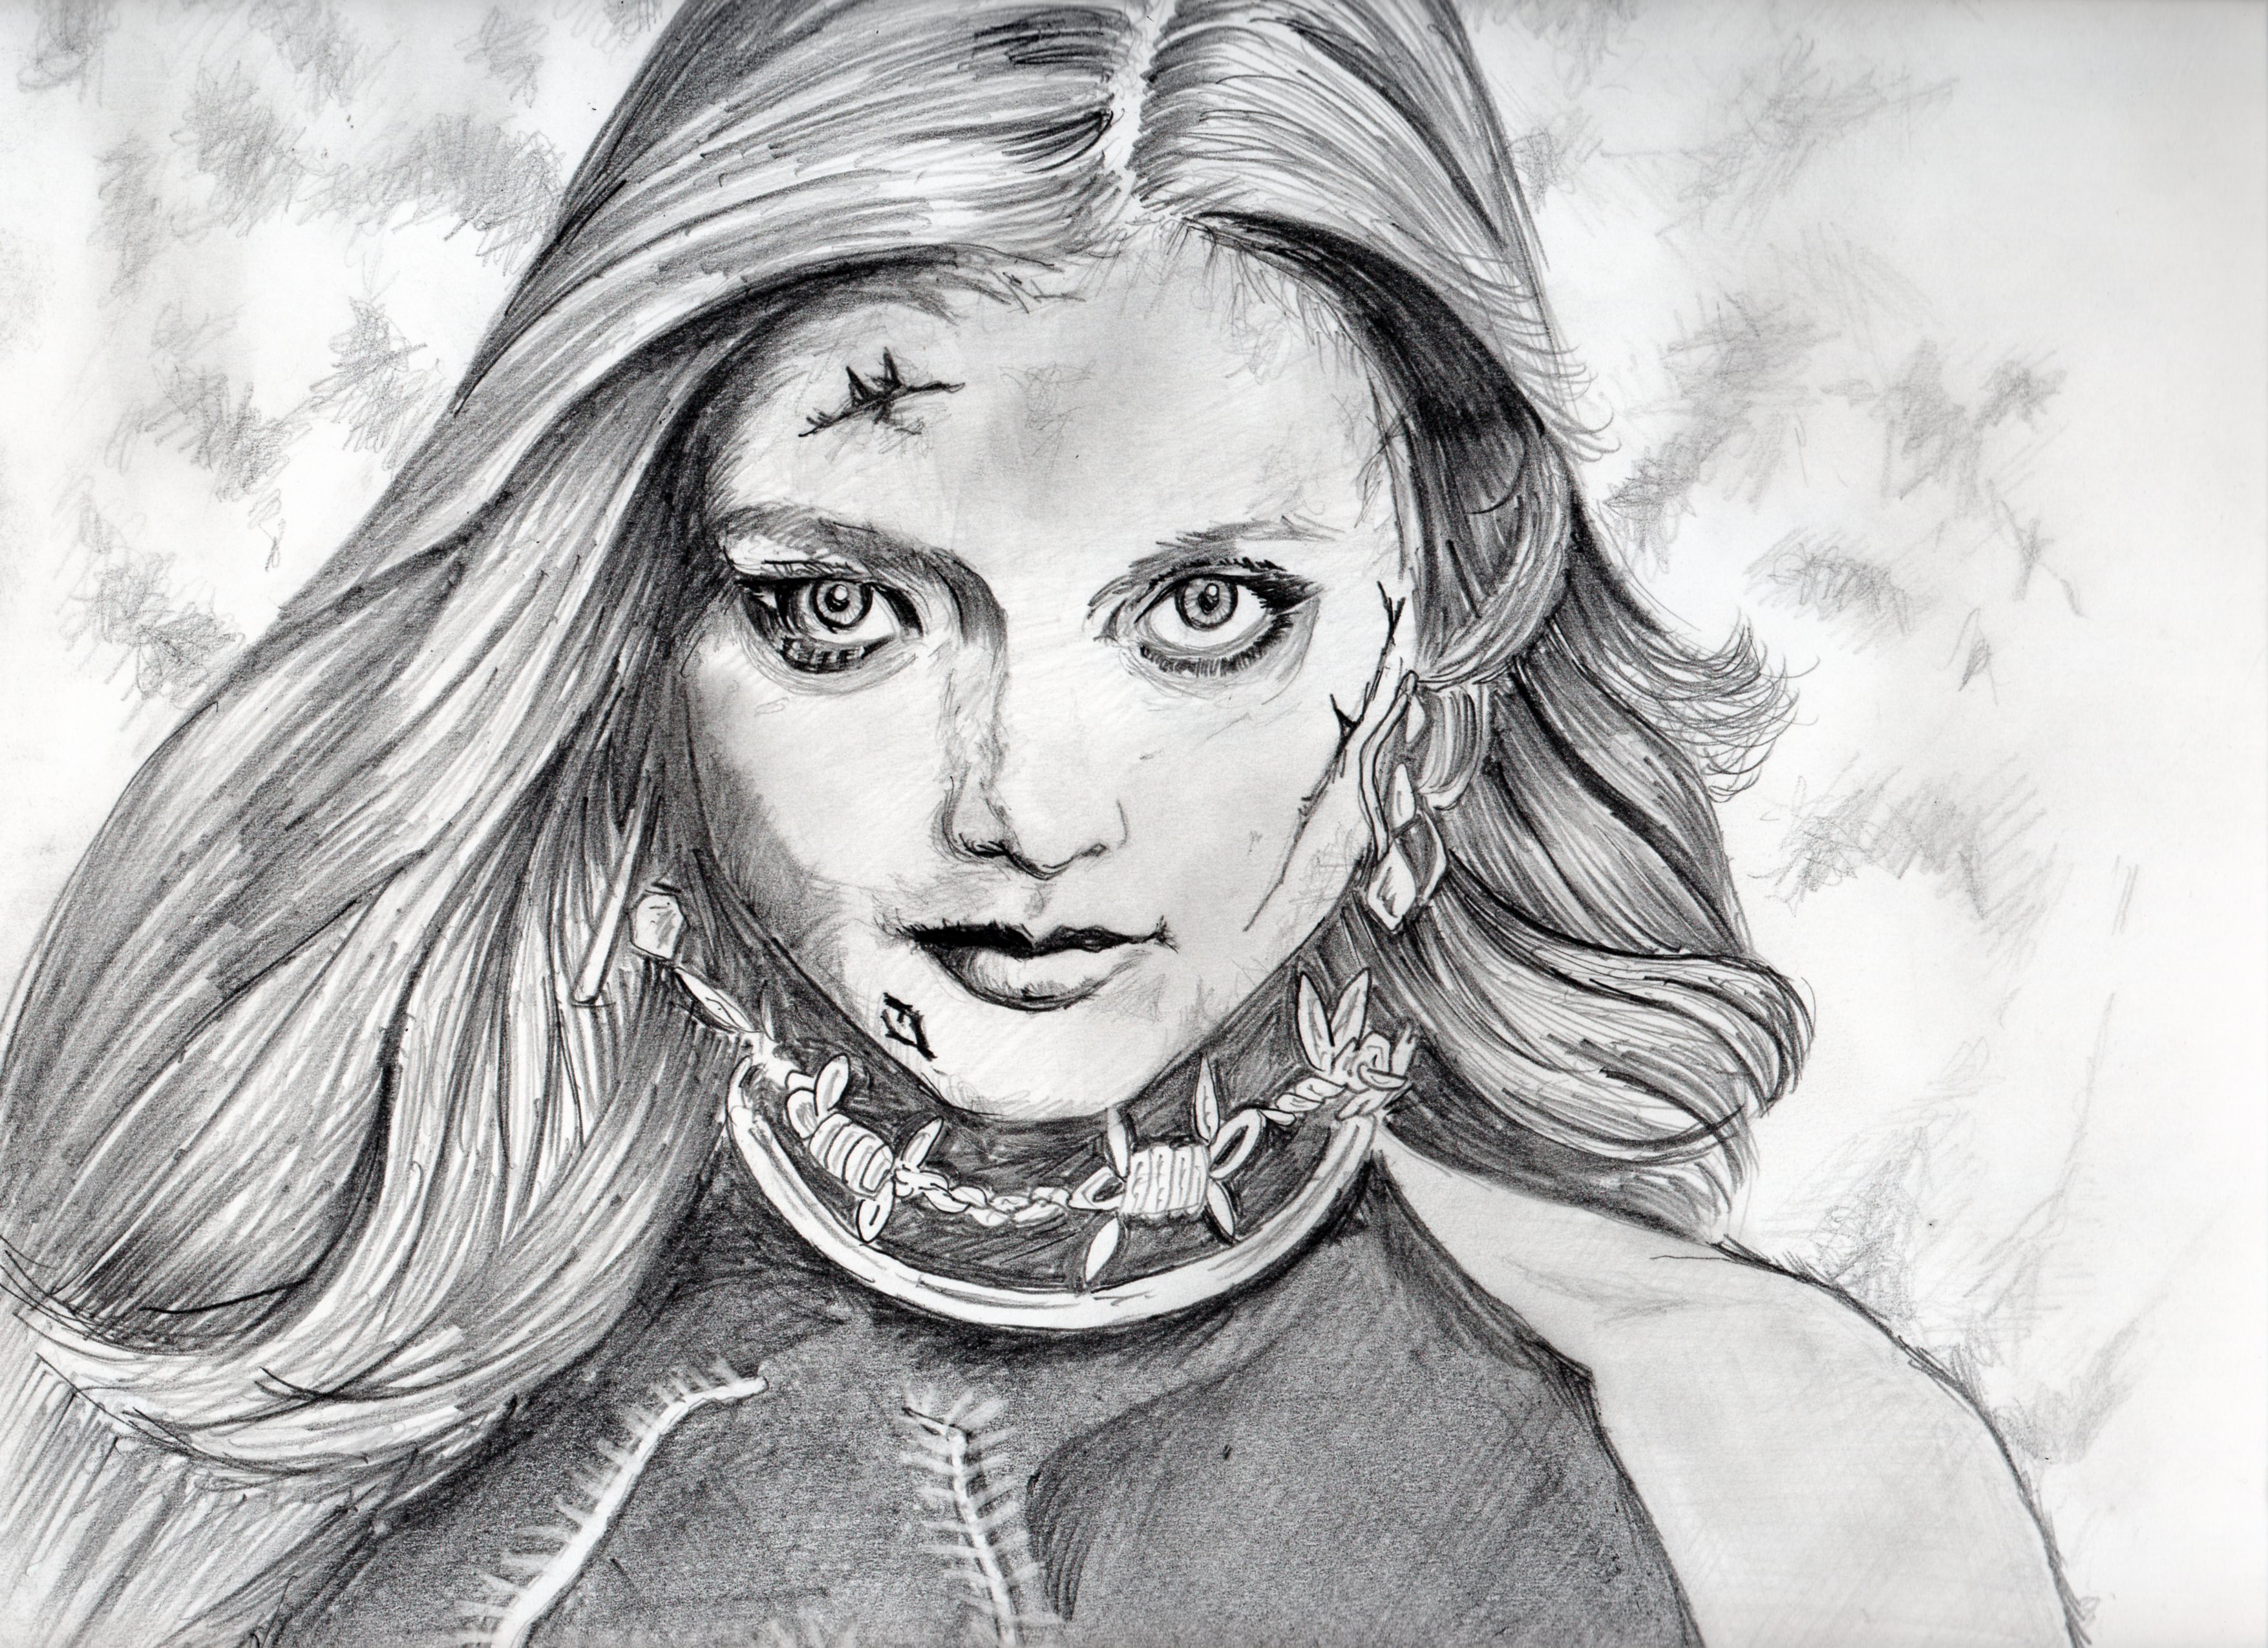 バイオハザード、ローラの鉛筆画似顔絵、バイオハザード、ローラのリアル鉛筆画似顔絵